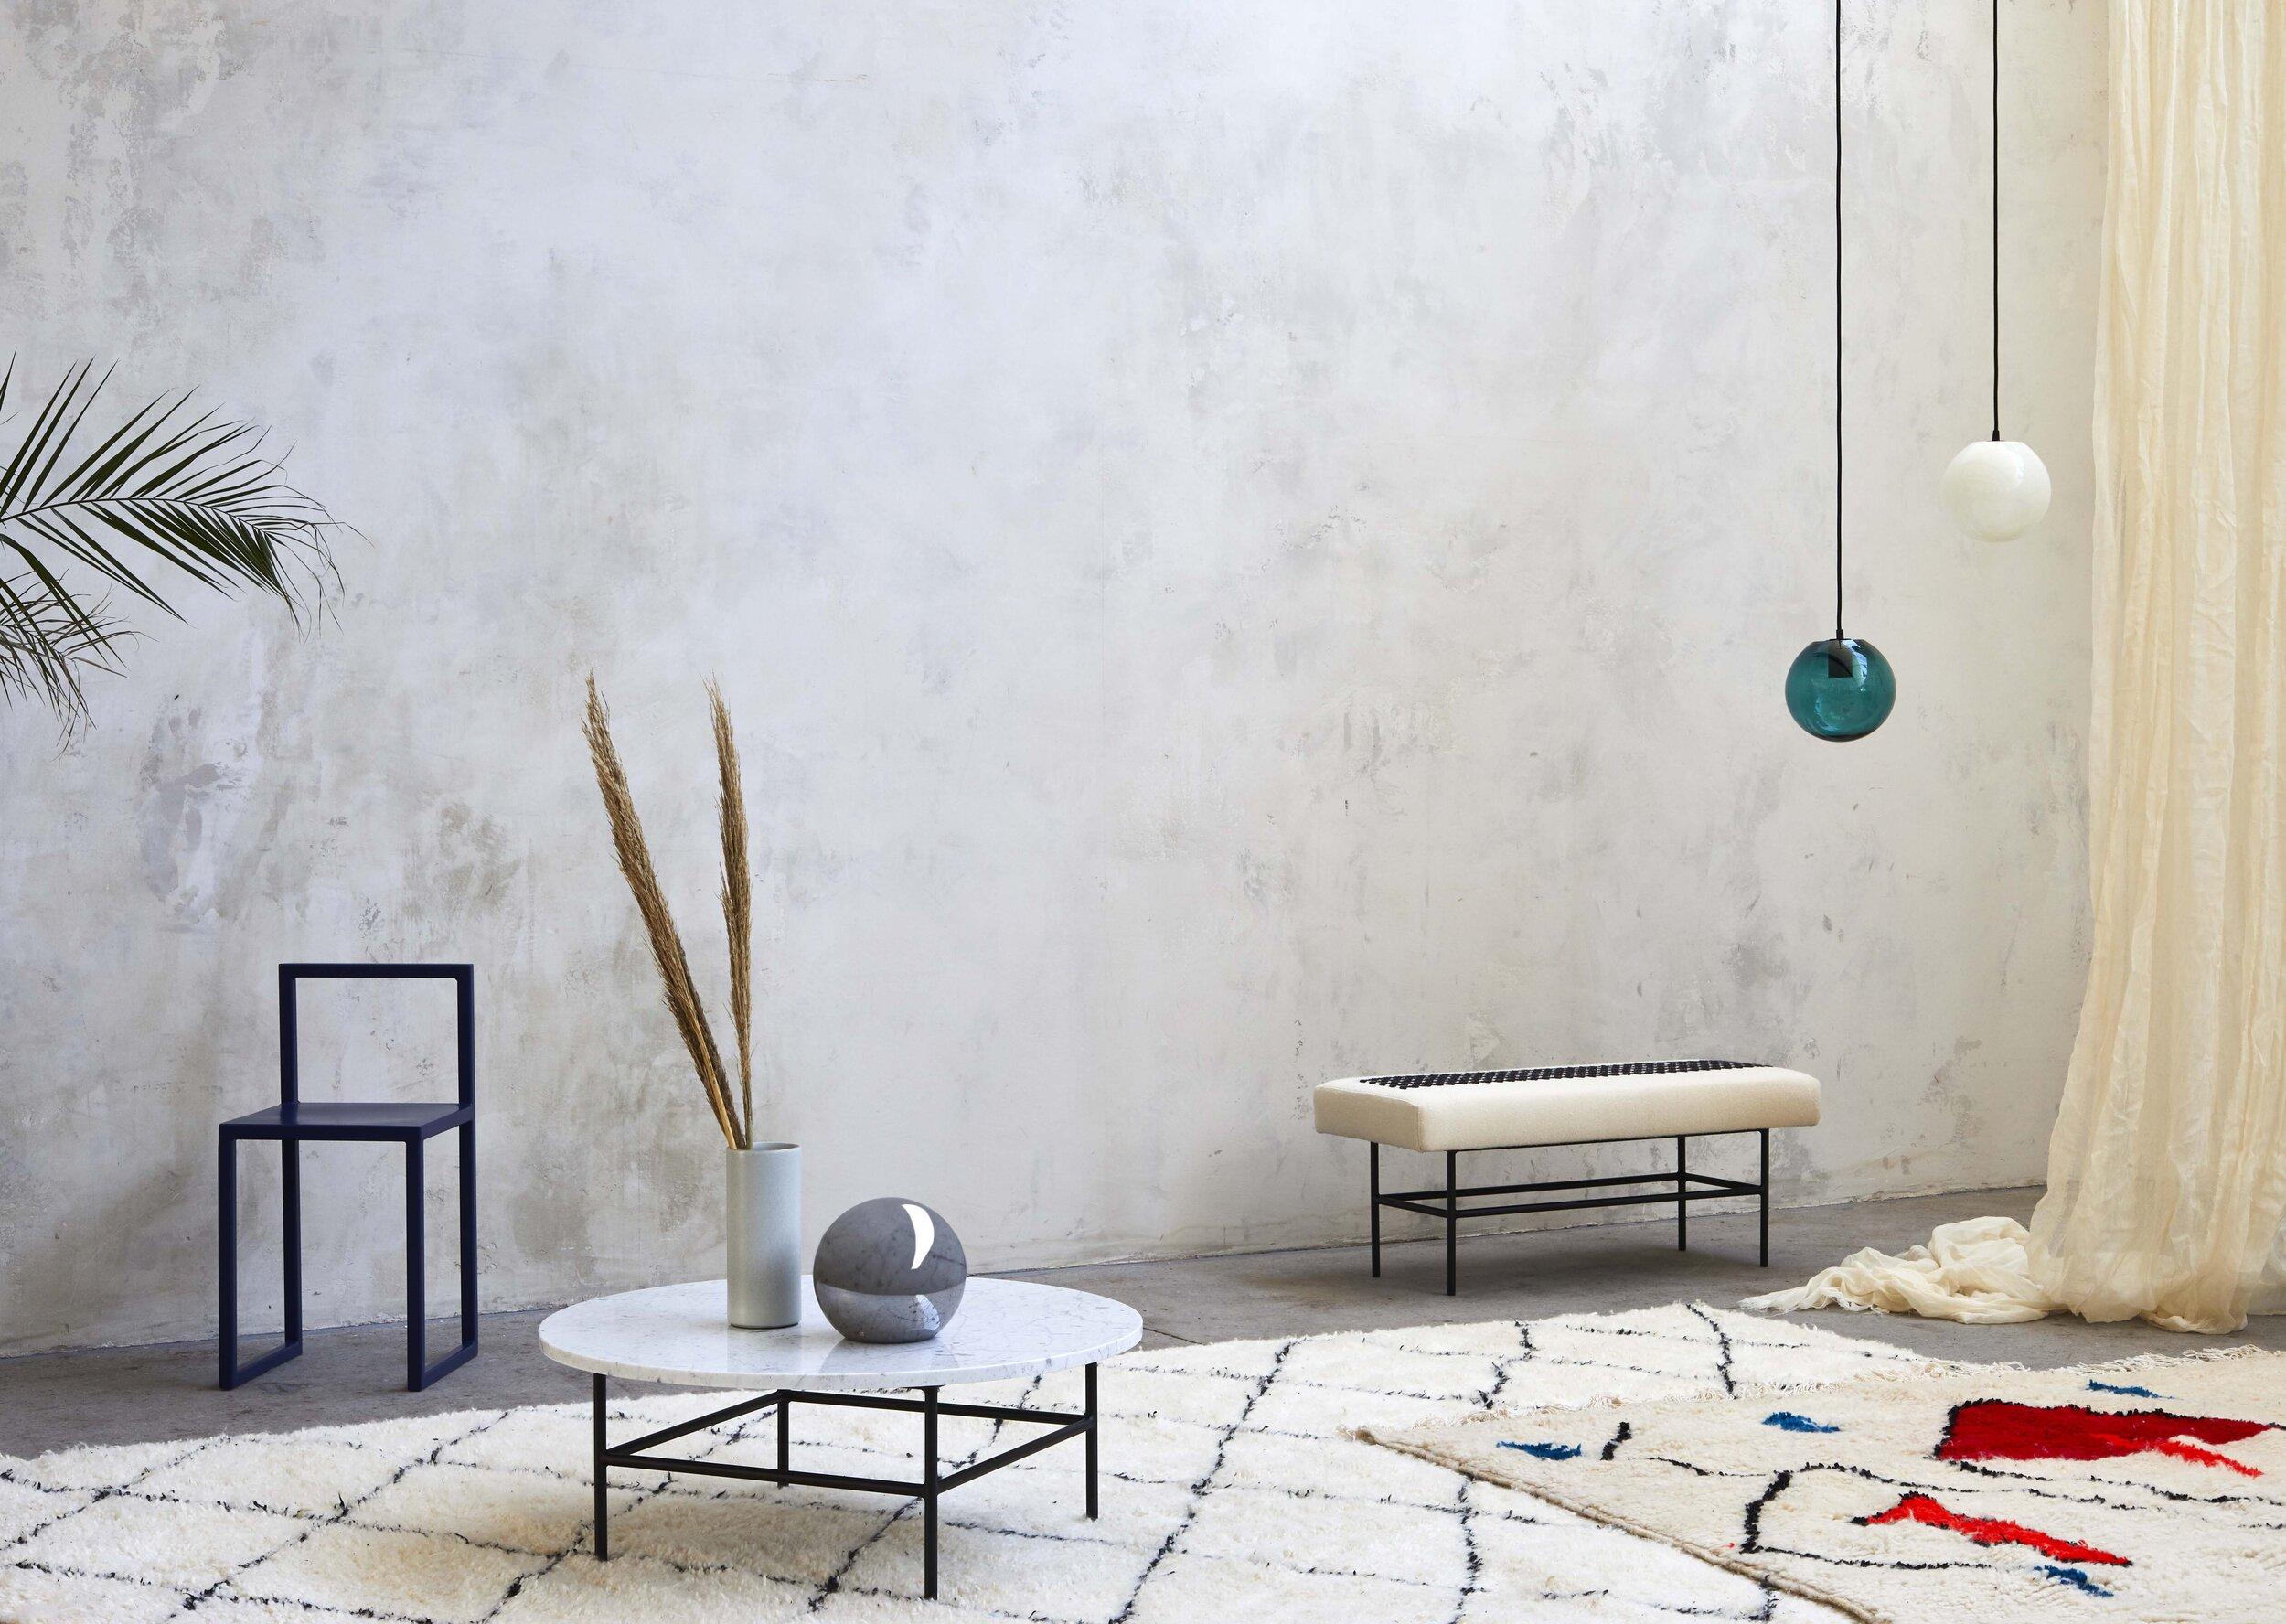 Artists&Objects_1_032-2.jpg